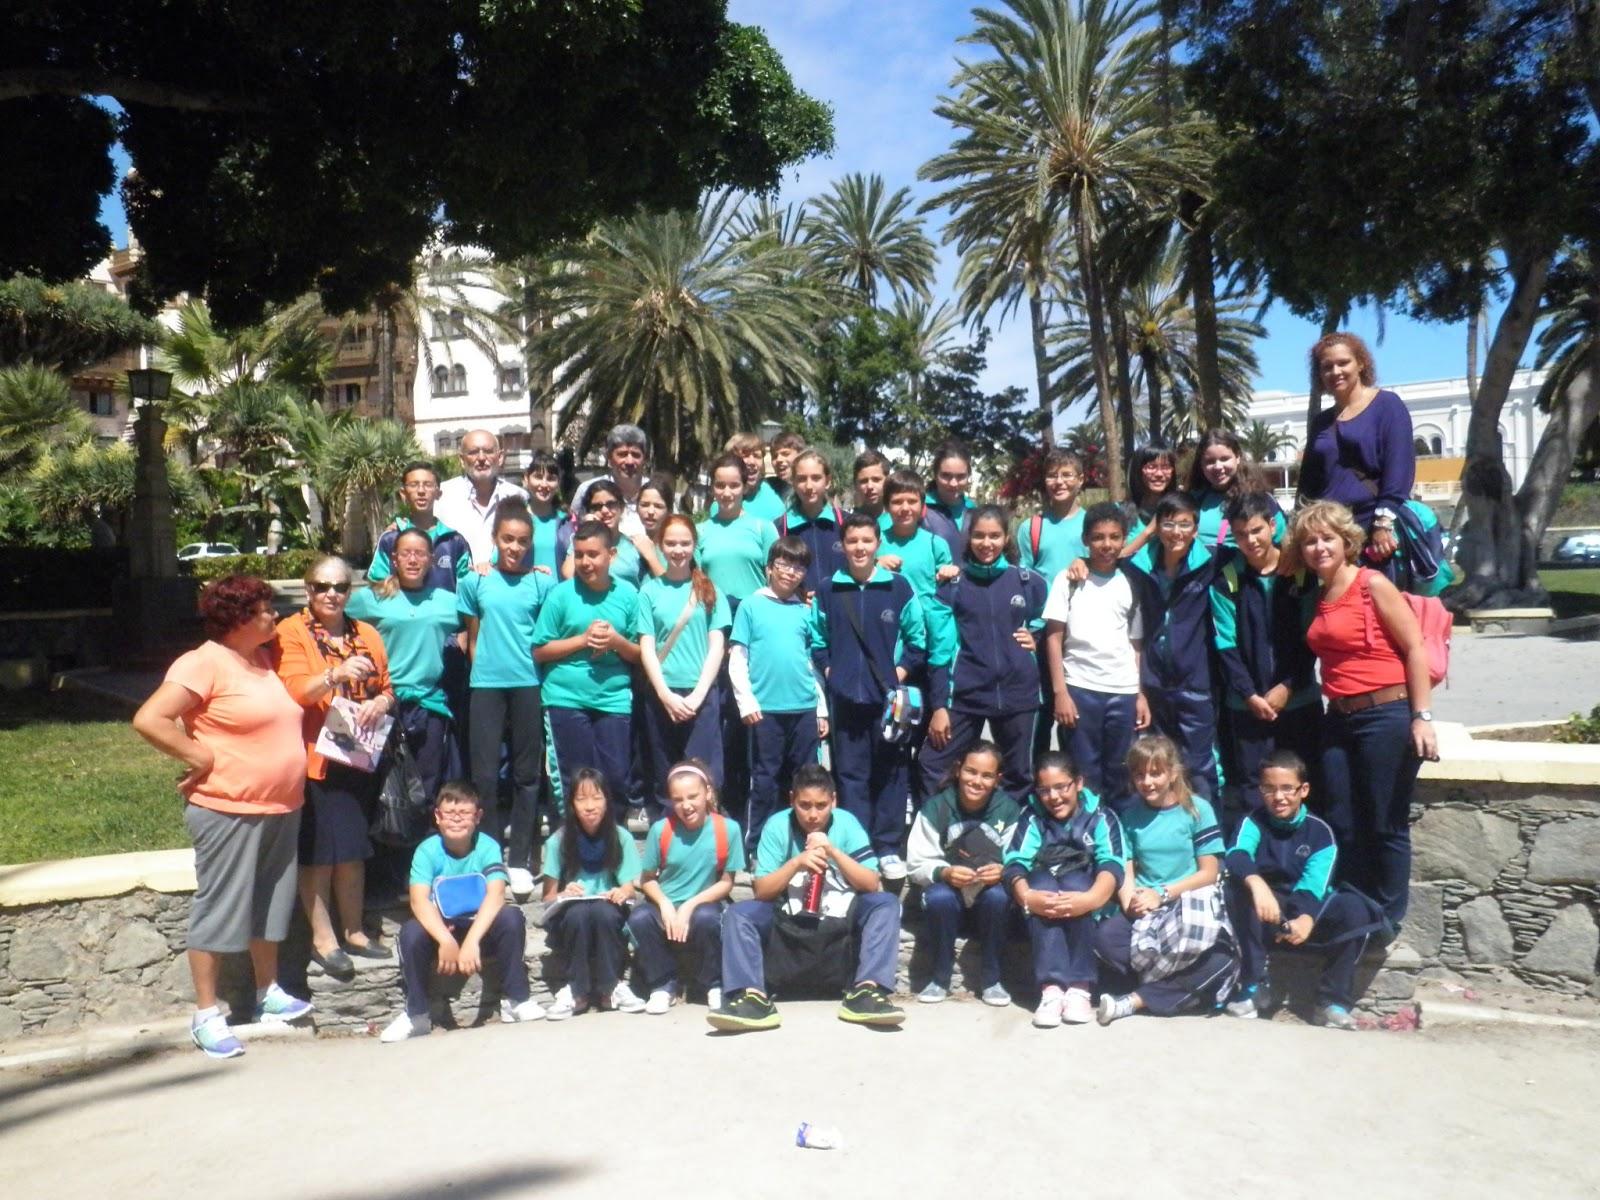 El blog de joaqu n nieto ceip policarpo b ez visita al for Ceip ciudad jardin